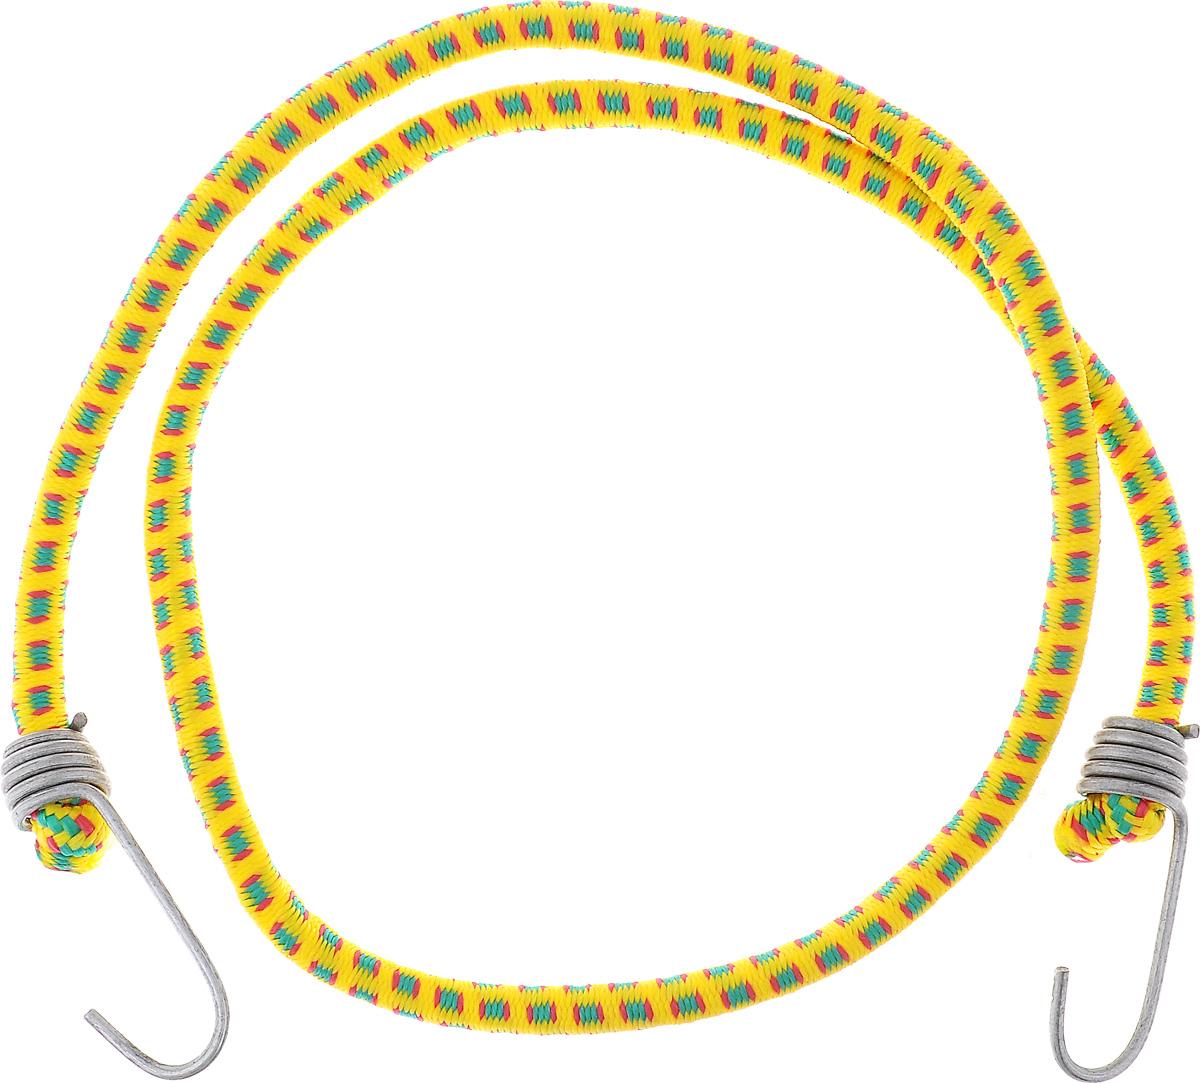 Резинка багажная МастерПроф, с крючками, цвет: желтый, красный, зеленый, 1 х 110 см. АС.020056АС.020056_желтыйБагажная резинка МастерПроф, выполненная из натурального каучука, оснащена специальными металлическими крючками, которые обеспечивают прочное крепление и не допускают смещения груза во время его перевозки. Изделие применяется для закрепления предметов к багажнику. Такая резинка позволит зафиксировать как небольшой груз, так и довольно габаритный. Температура использования: -50°C до +50°C. Безопасное удлинение: 60%. Диаметр резинки: 0,10 см. Длина резинки: 110 см.